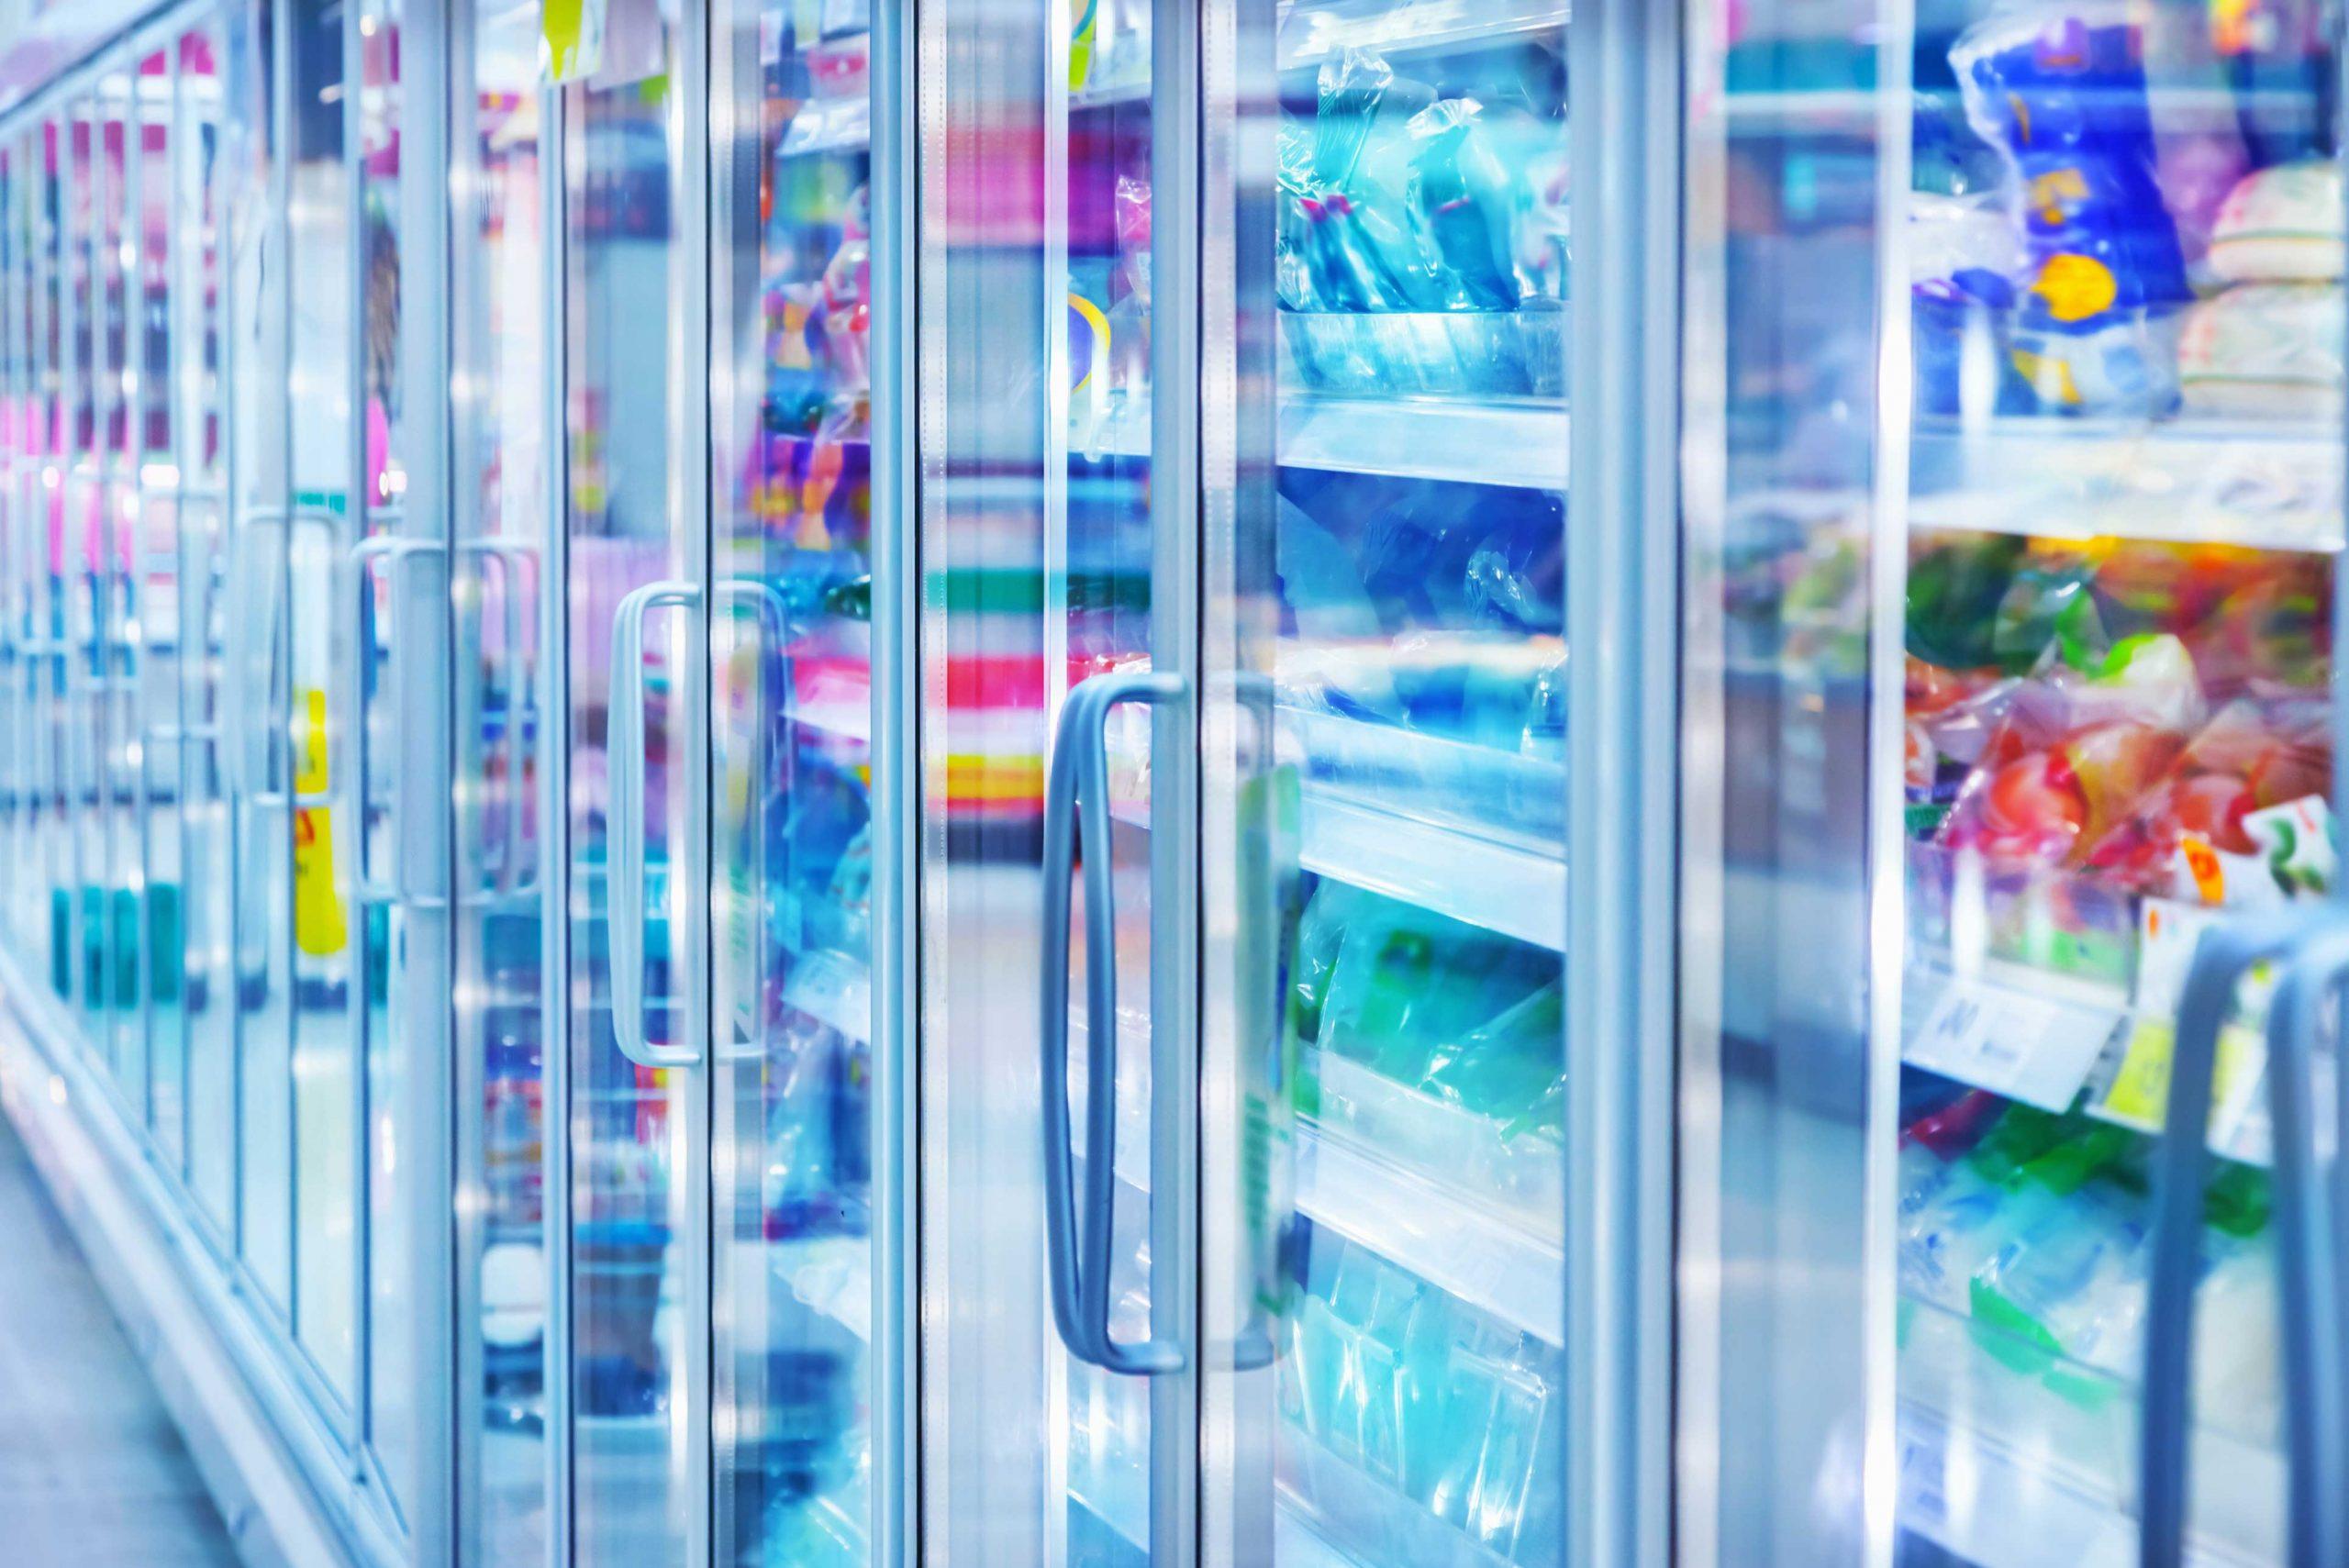 Store refrigerator